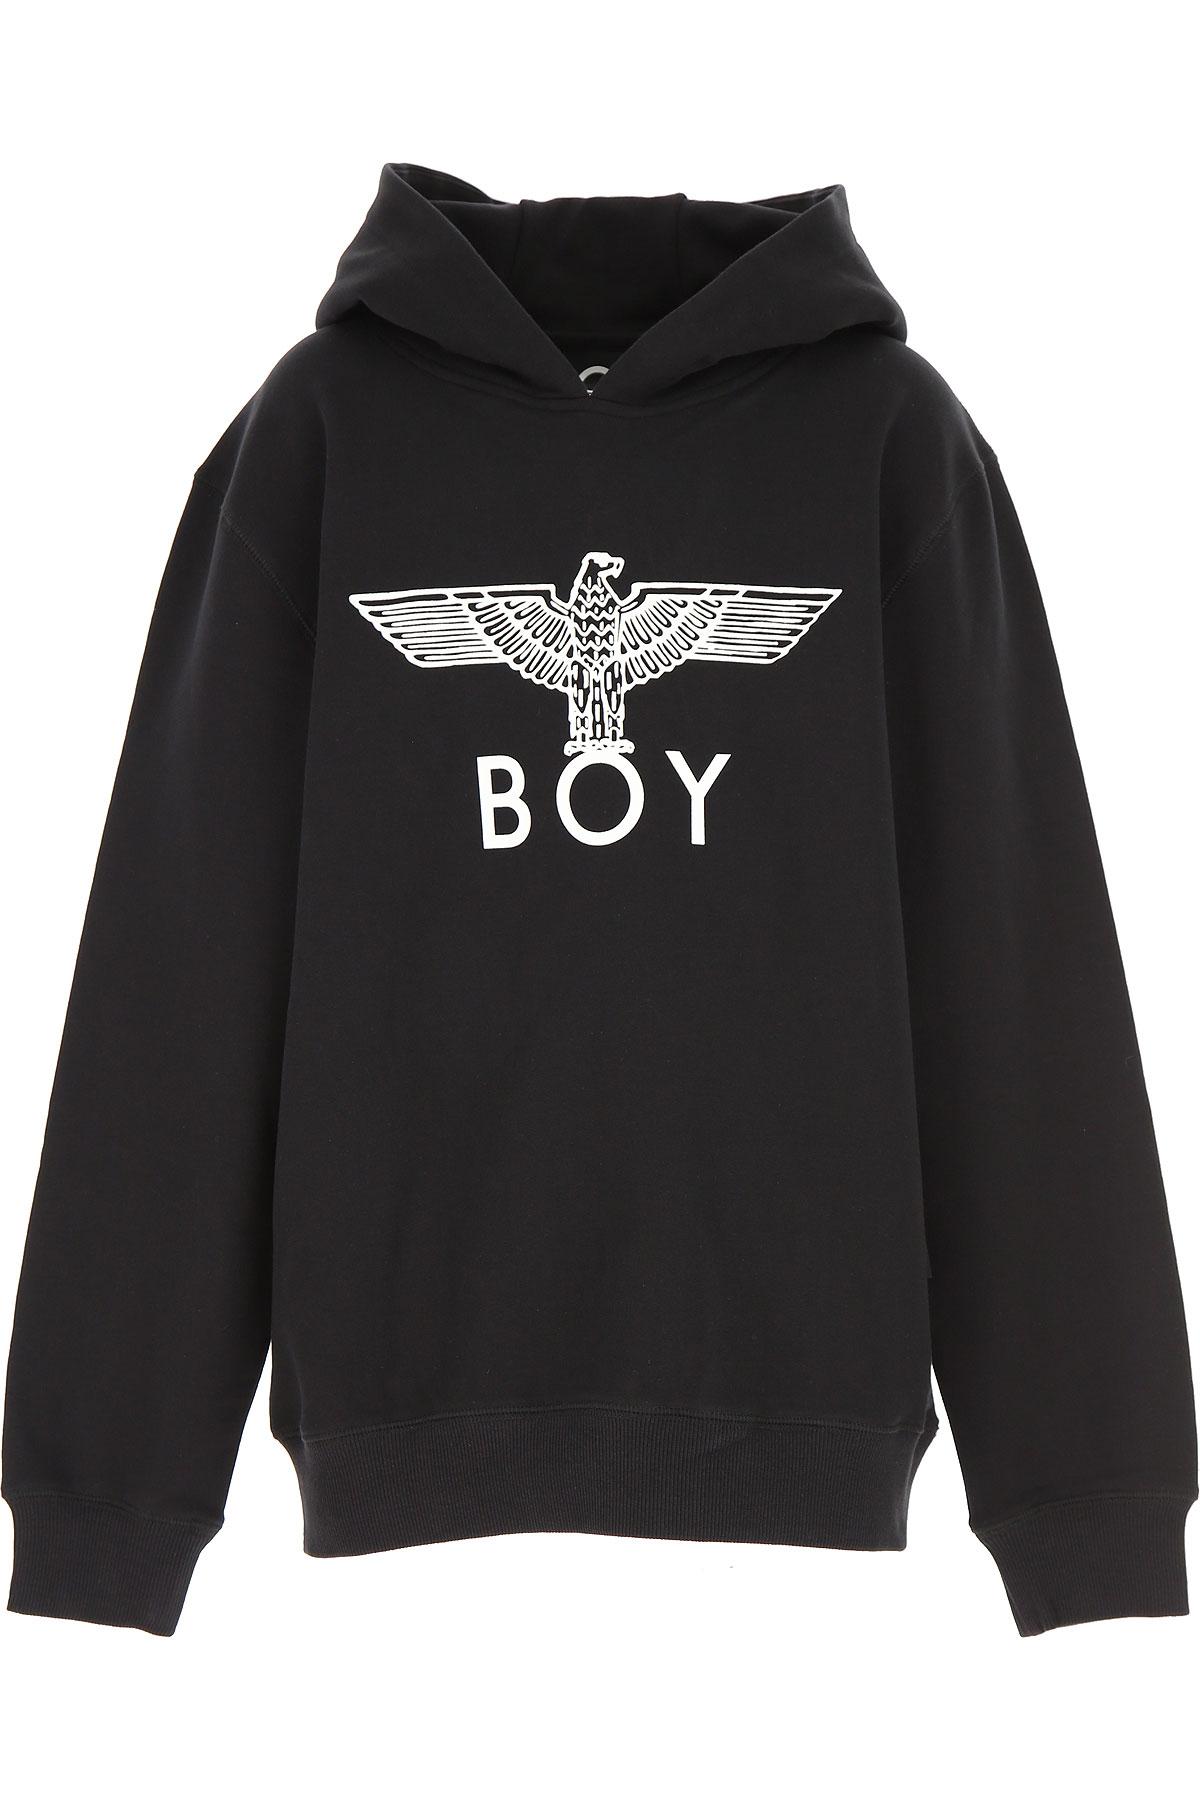 Boy London Kids Sweatshirts & Hoodies for Boys On Sale, Black, Cotton, 2019, 14Y 6Y 8Y